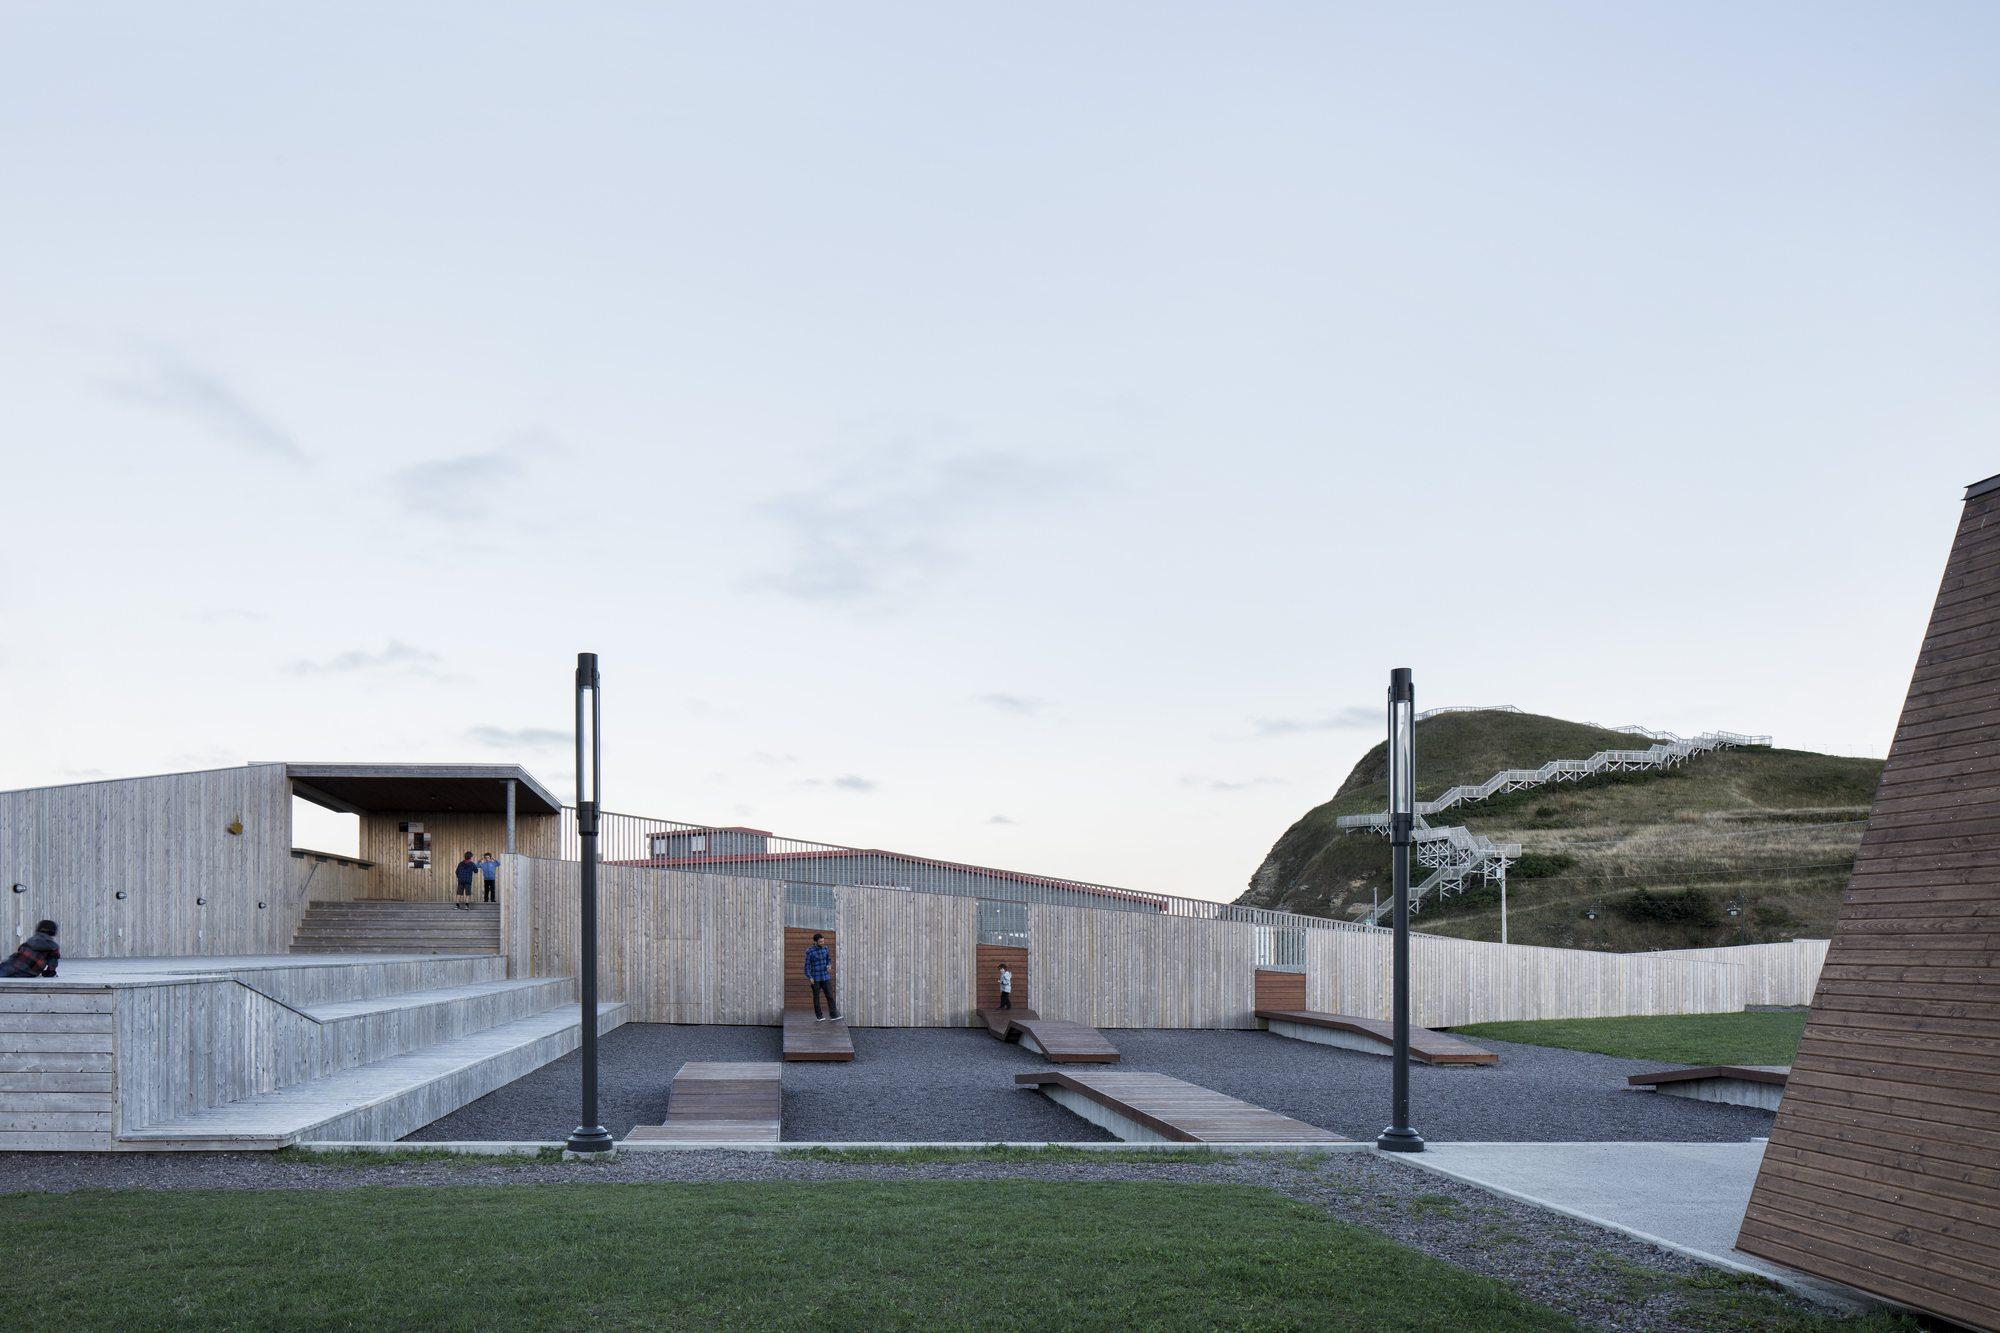 Best Image Place des Gens de Mer / Bourgeois Lechasseur Architects